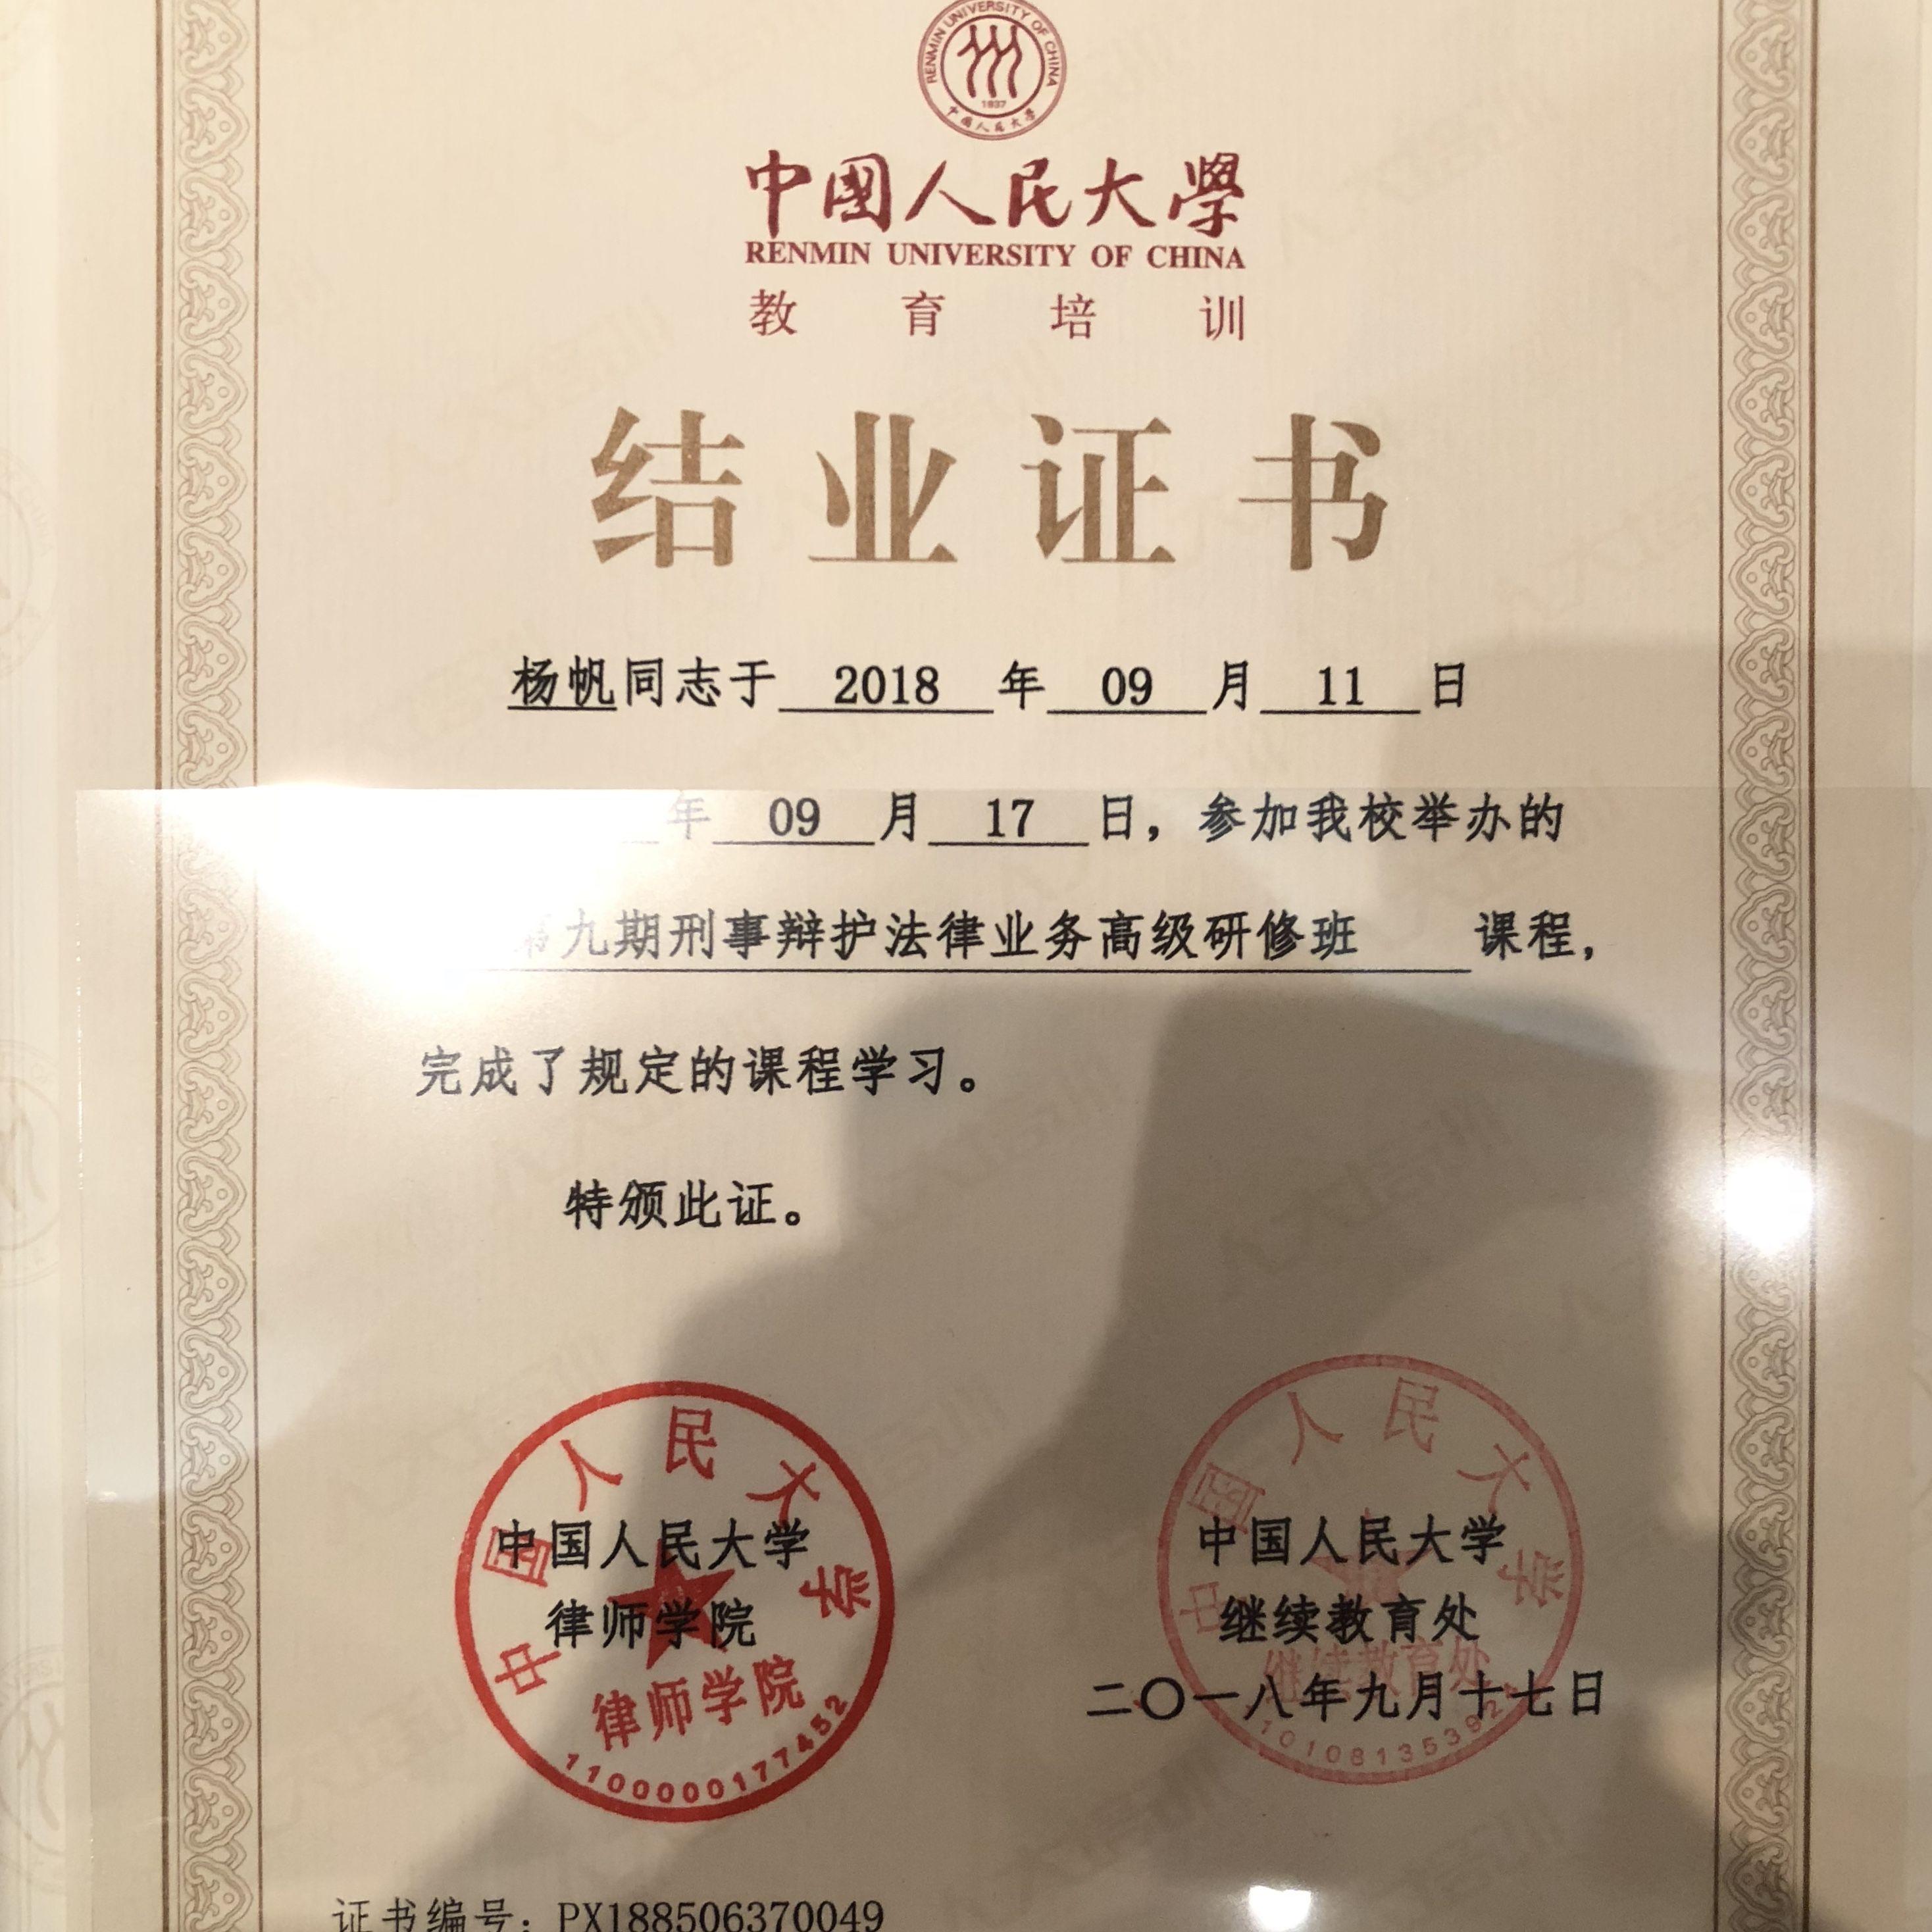 杨帆律师参加第九期人民大学刑事辩护高级研修班